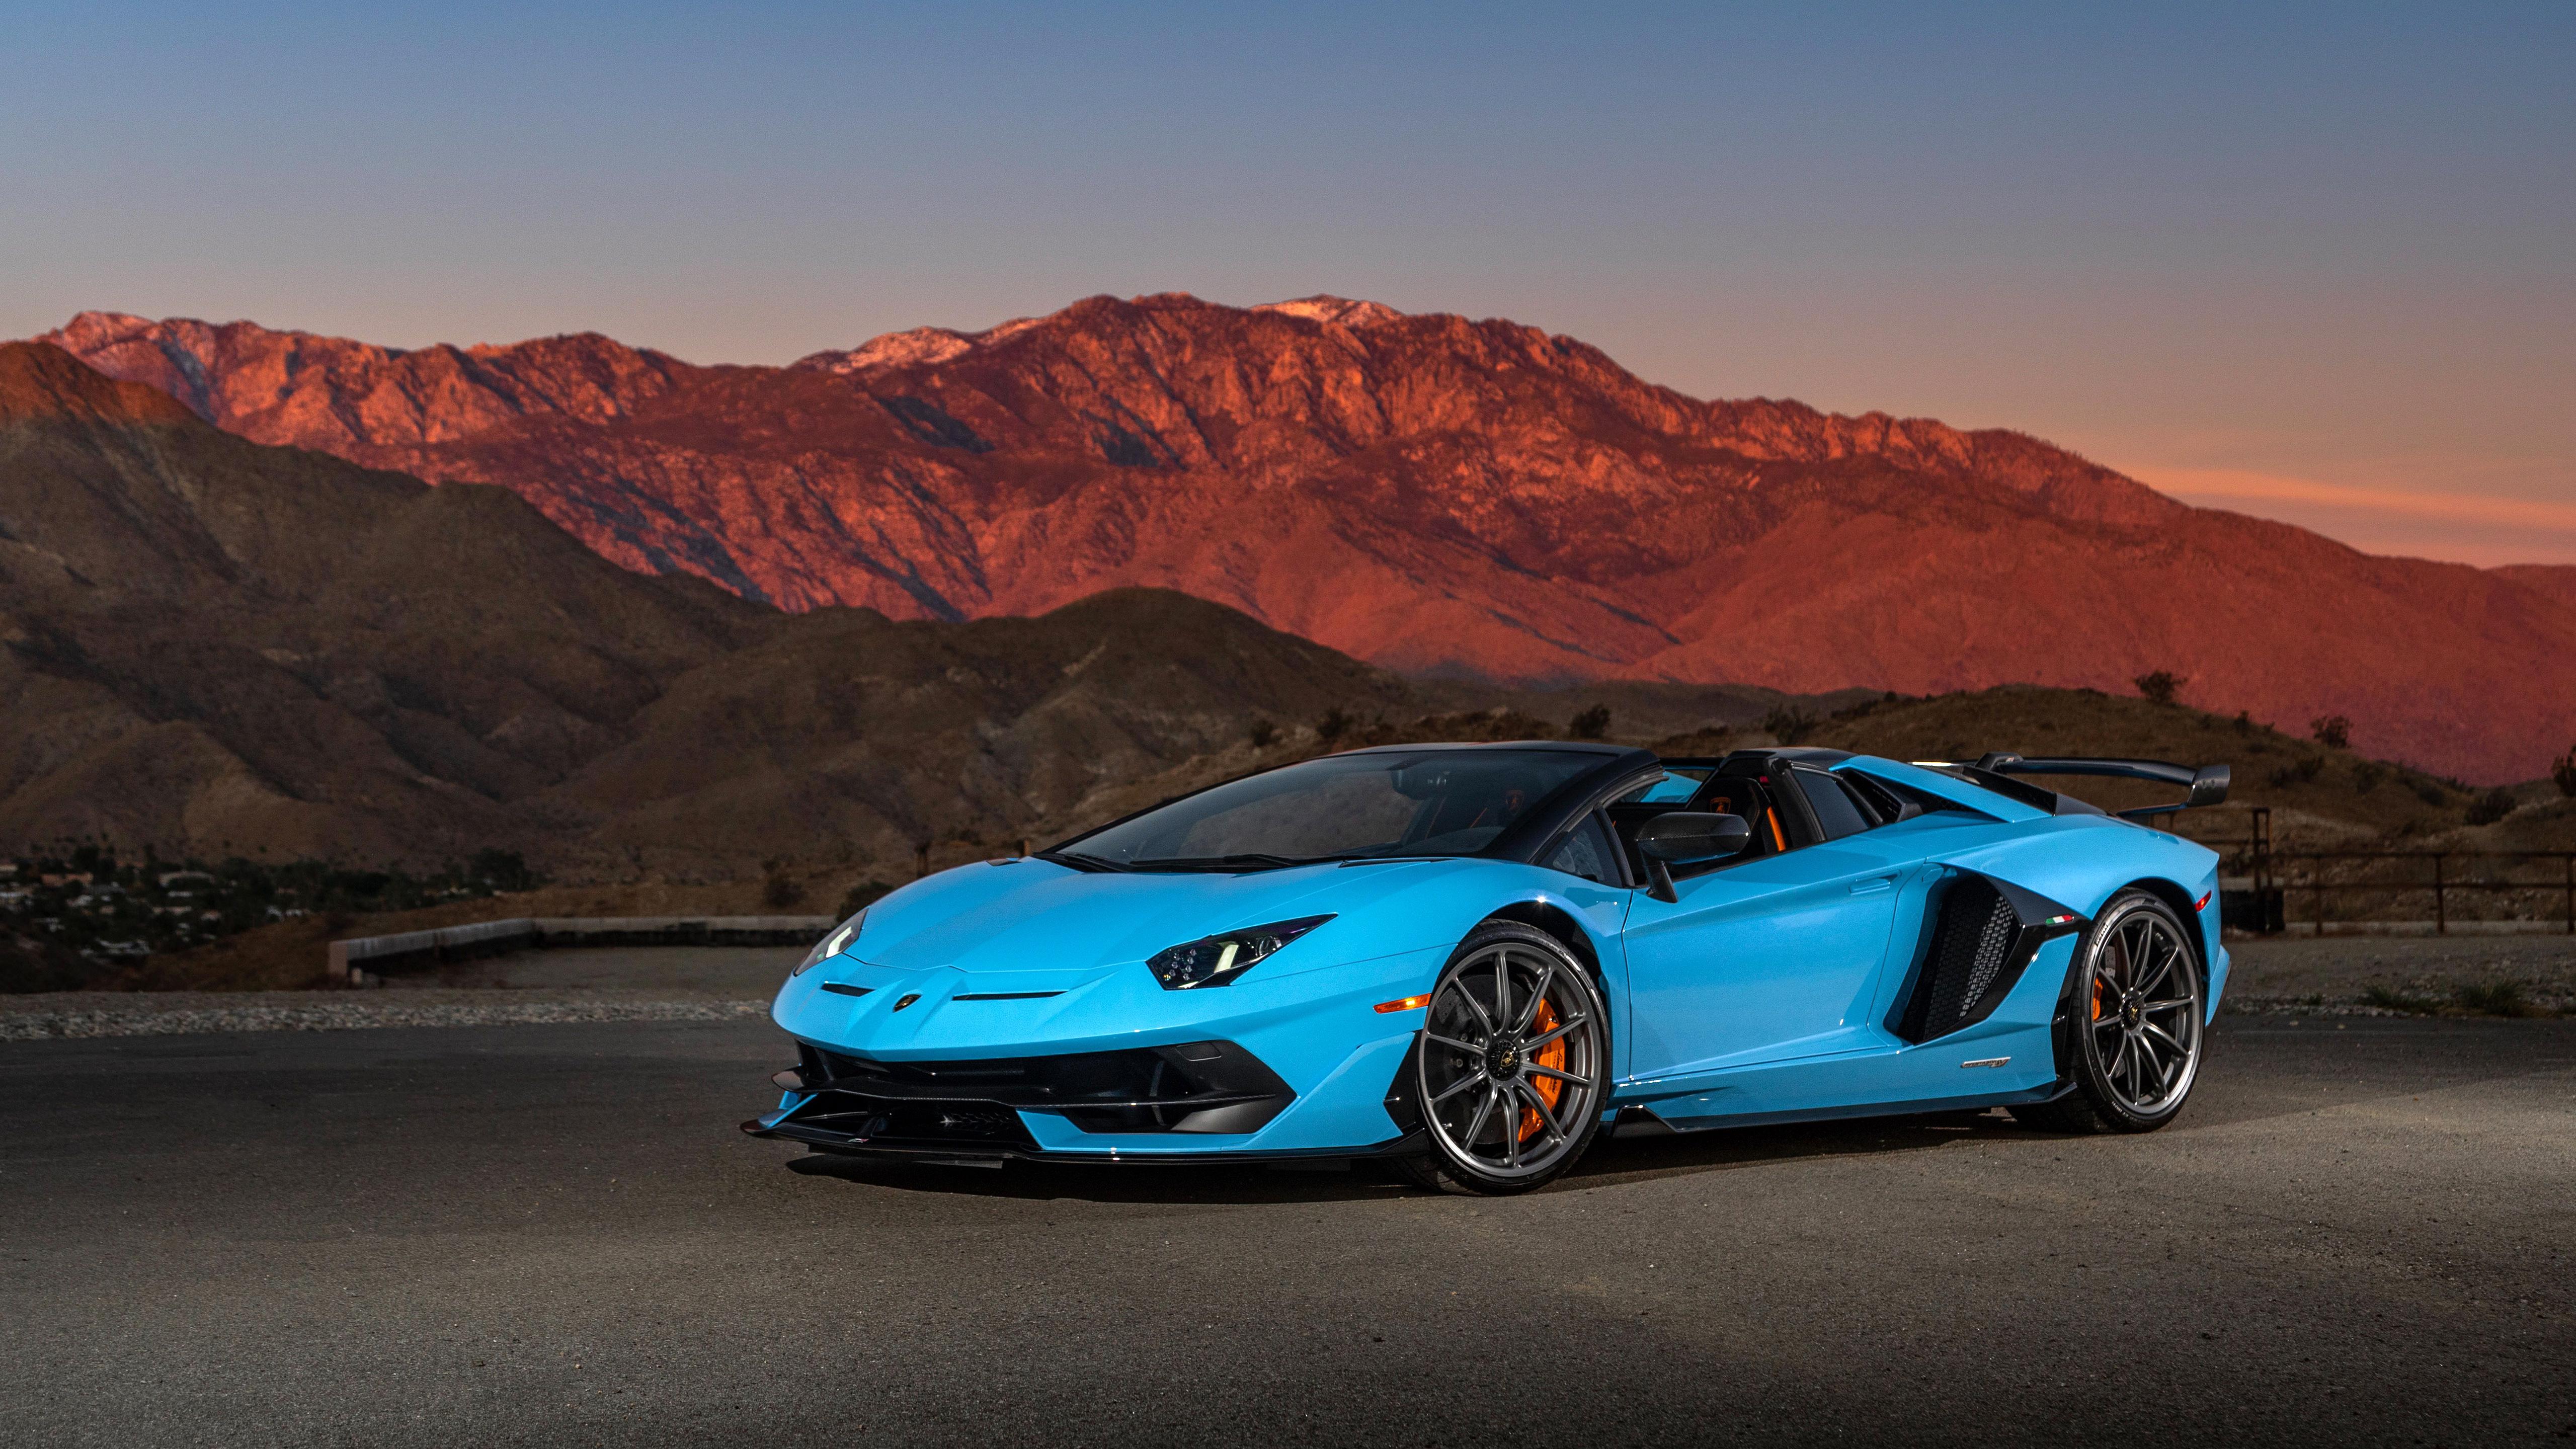 2020 Lamborghini Aventador Svj Roadster 4k 5k 5 Wallpaper Hd Car Wallpapers Id 14052